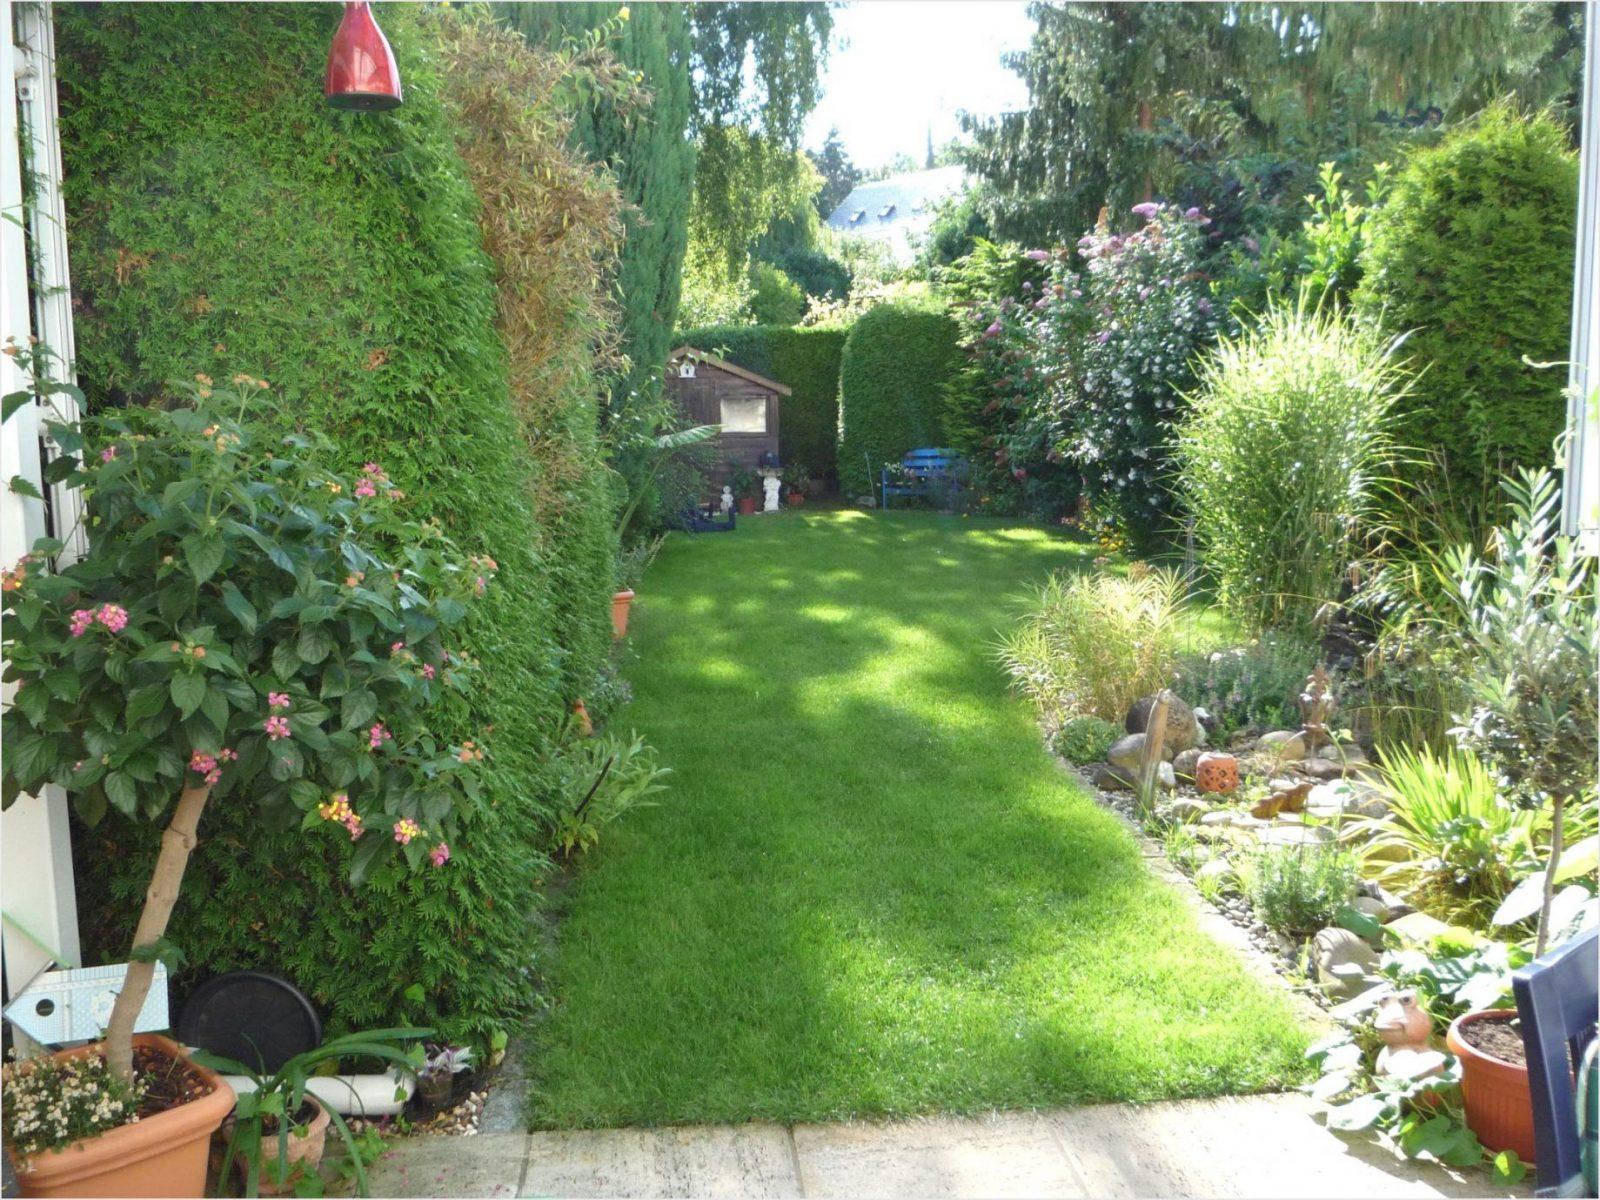 Beetgestaltung Ideen Frisch Kleiner Garten Mit Terrasse Gestalten von Gartengestaltung Kleiner Garten Reihenhaus Bild